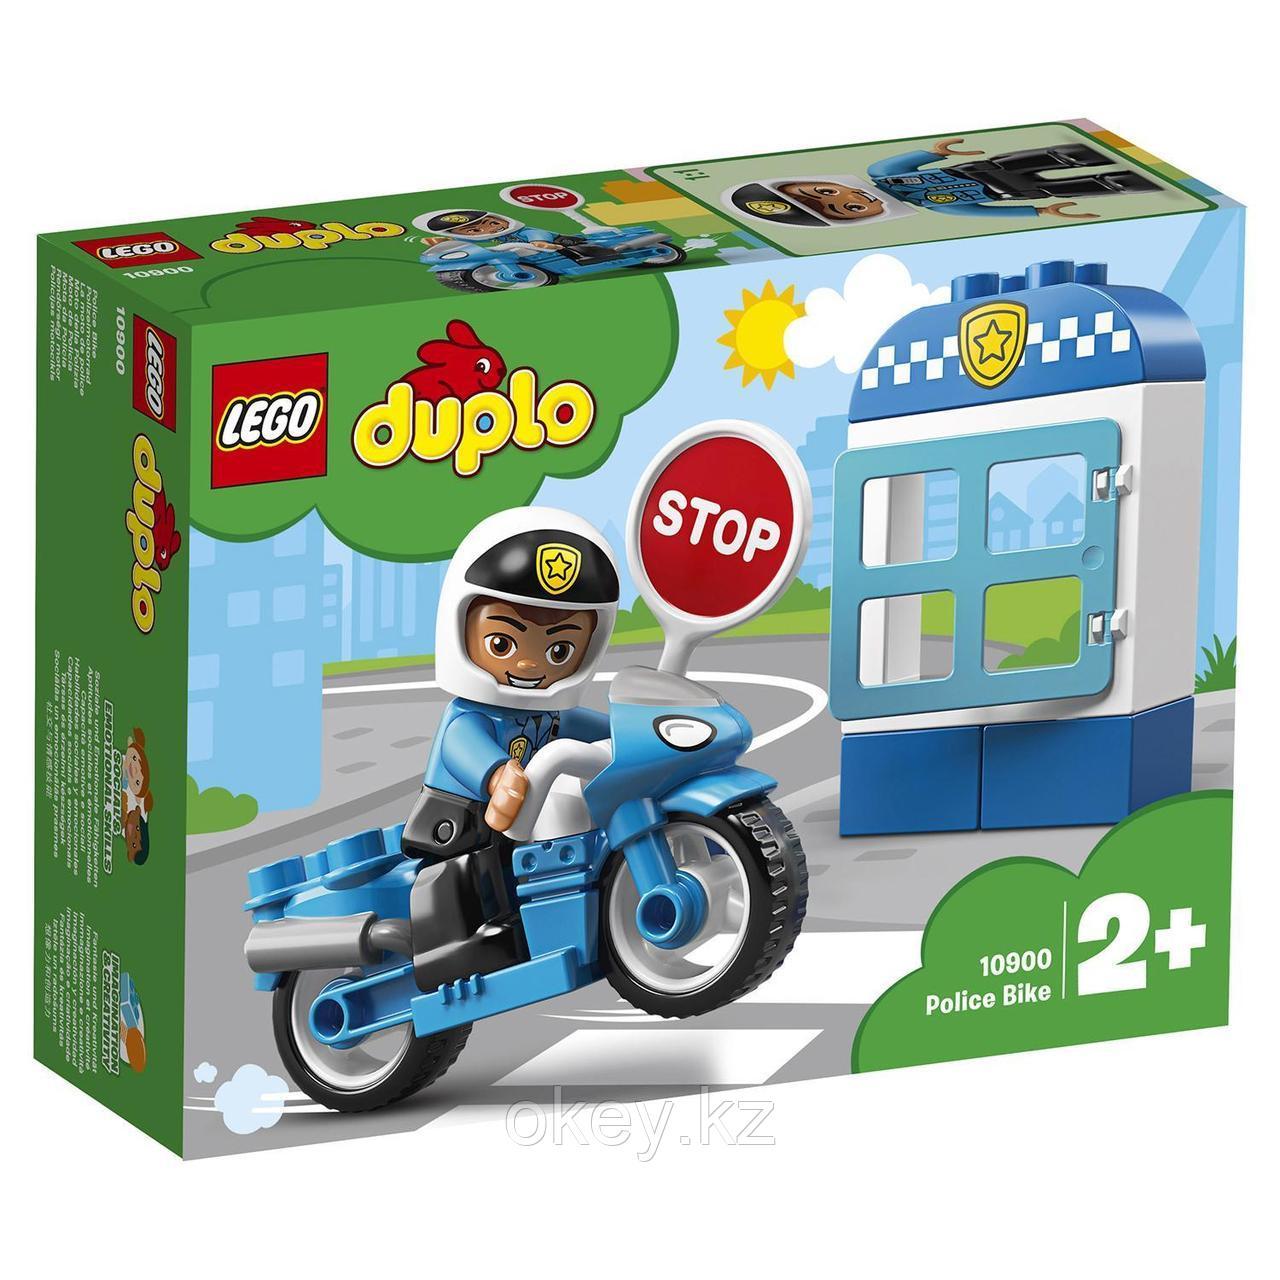 LEGO Duplo: Полицейский мотоцикл 10900